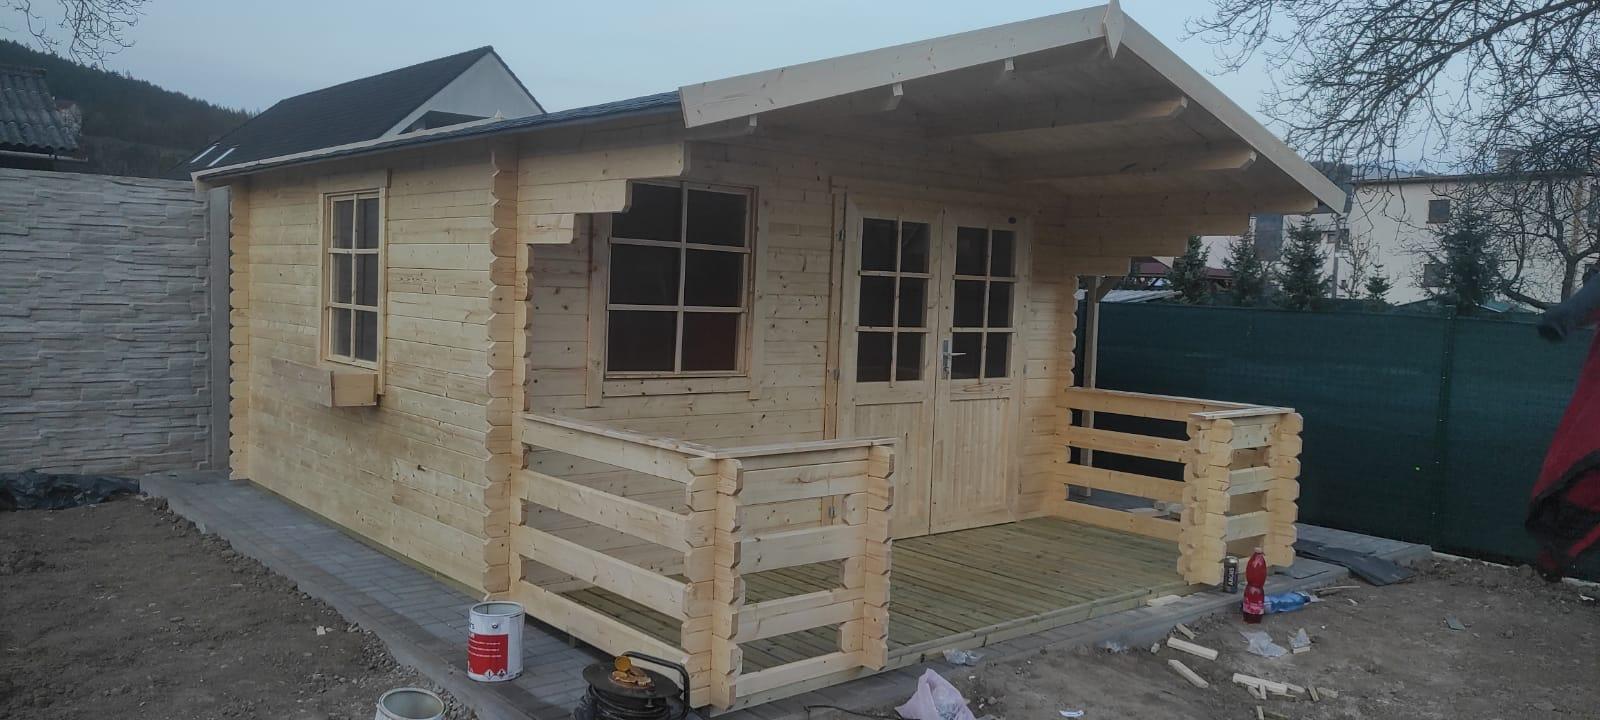 Predám záhradný domček Luna 3360x360 + terasa - Obrázok č. 1